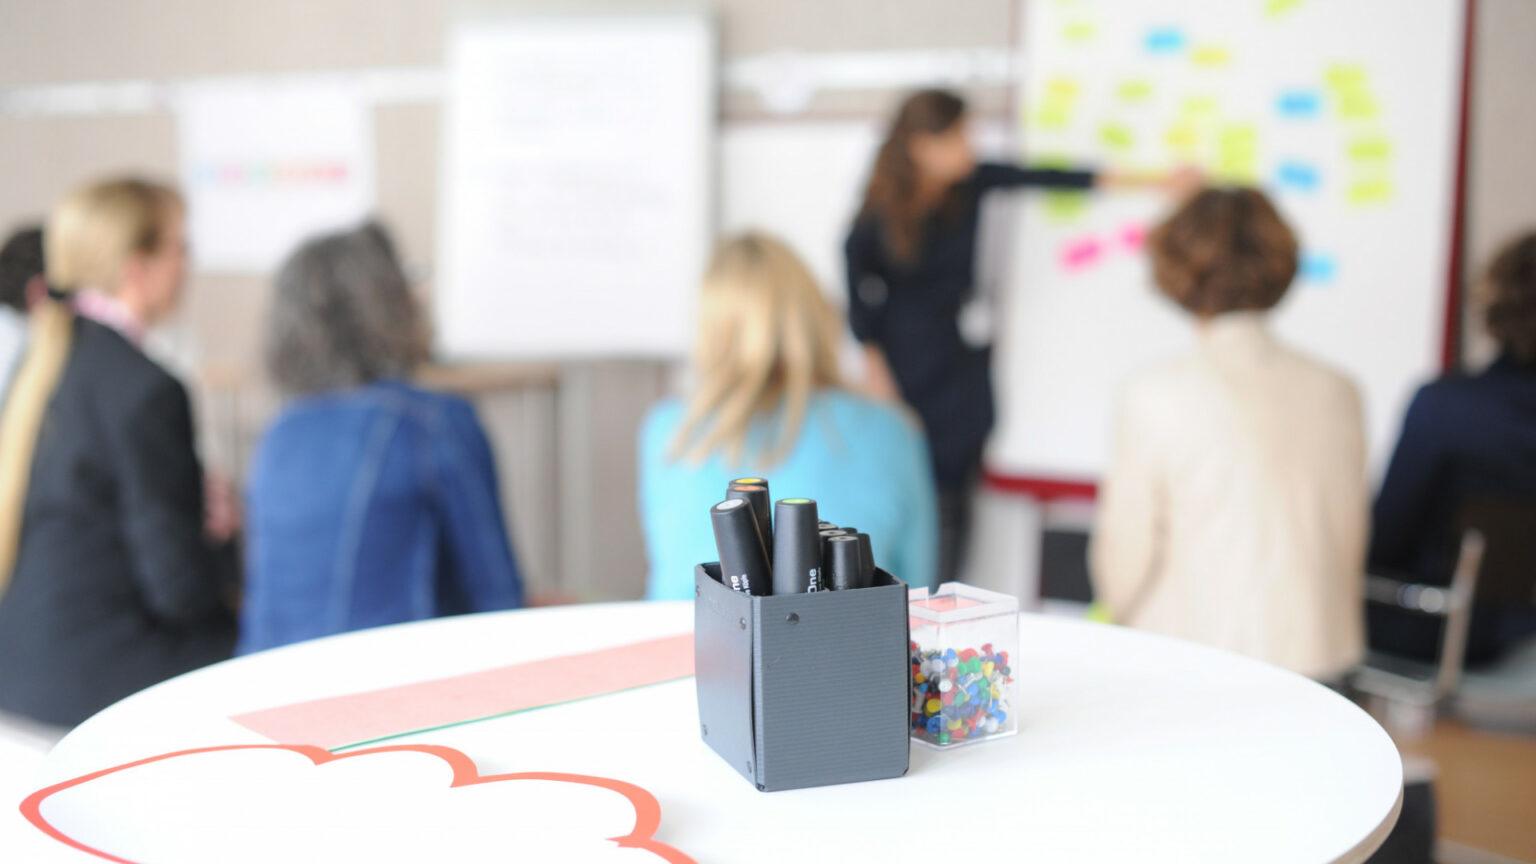 Foto einer Stiftebox mit Markern auf einem Tisch, im Hintergrund eine Gruppe von sitzenden Menschen und einer stehenden Person, die an einer Flipchart etwas erklärt als Symbolbild für den Aufbaukurs Moderation & Facilitation.